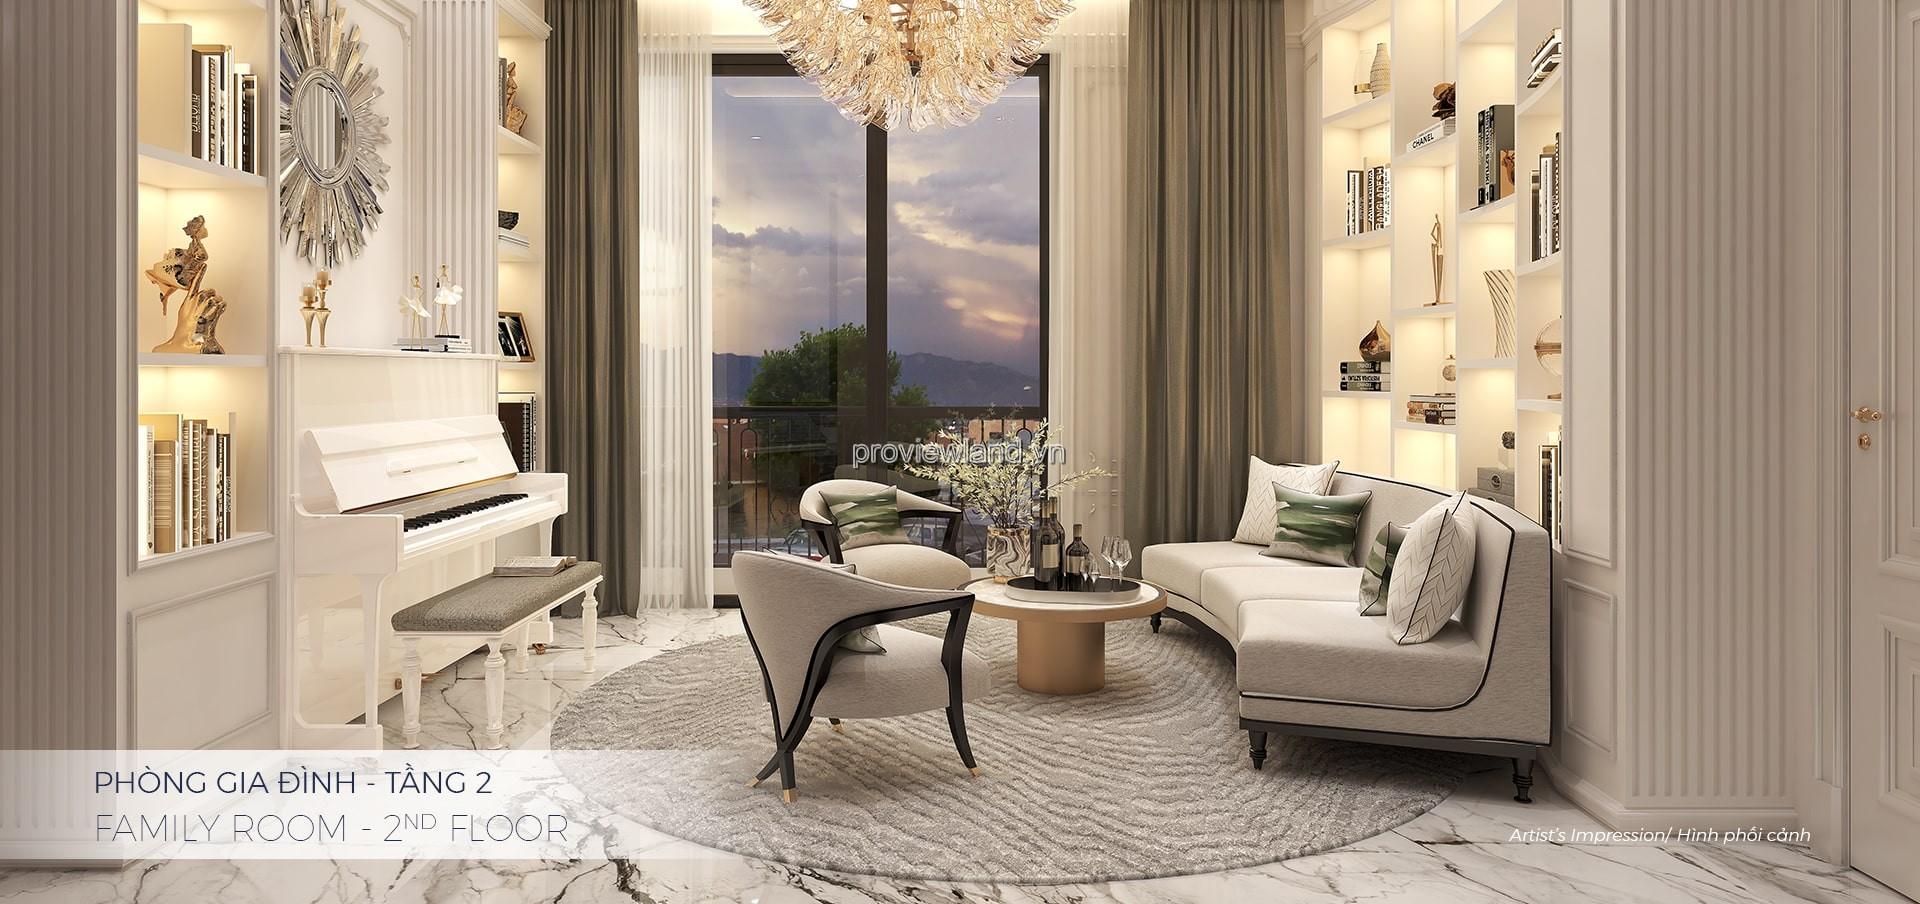 Biệt thự Q2 Thảo Điền HIẾM HOI cần bán 182m2, 1 hầm + 4 lầu, chỉ TT 30% nhận nhà